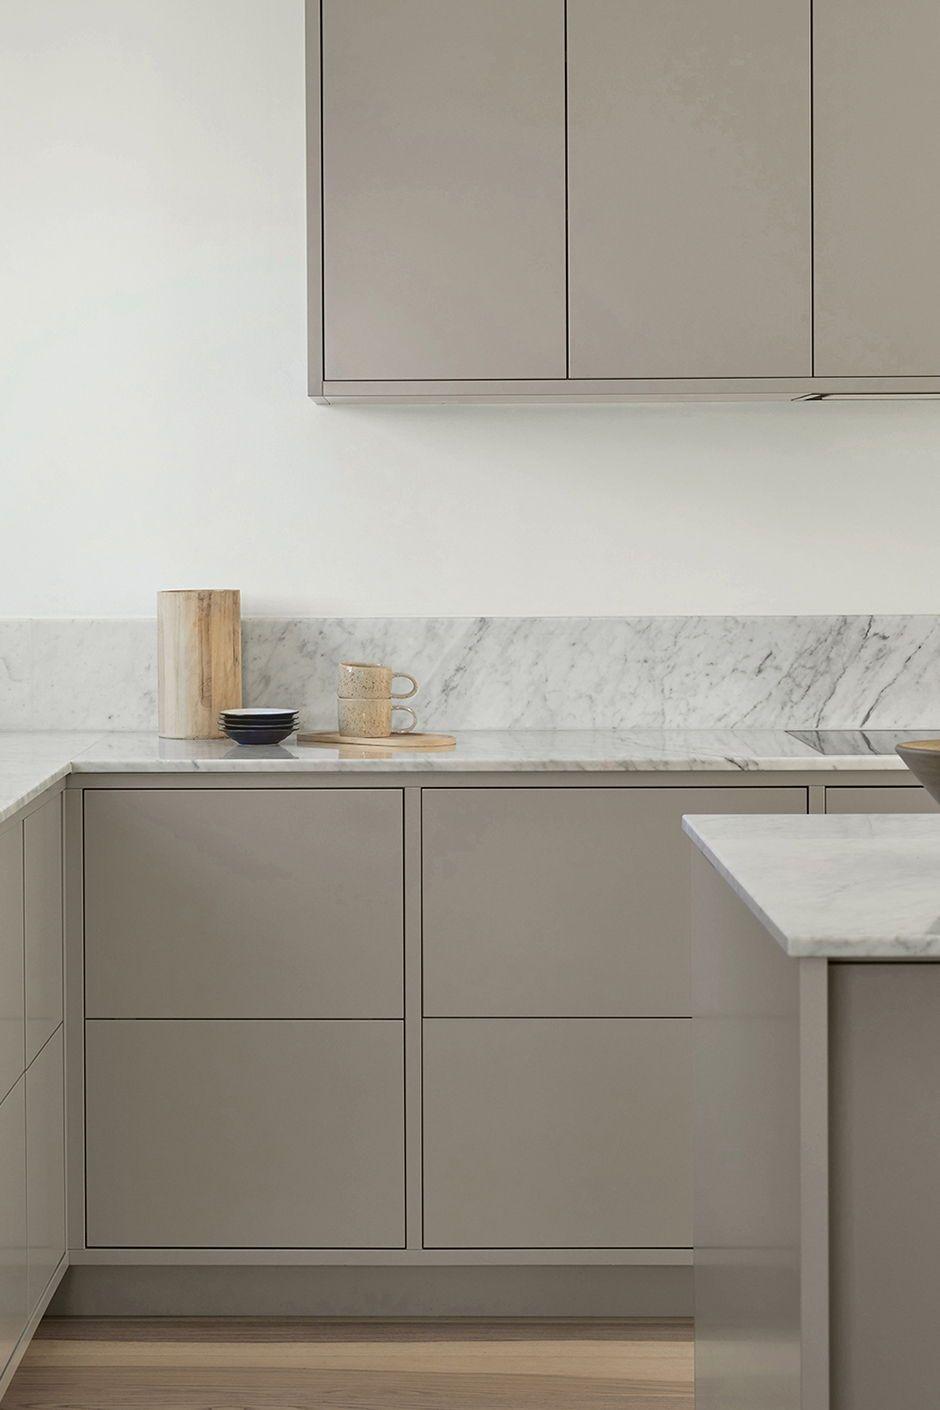 Standortgebaute Rahmenkuche In Minimalistischem Design Arbeitsplatte In 2020 Minimalistische Kuche Kuchen Design Kuchendesign